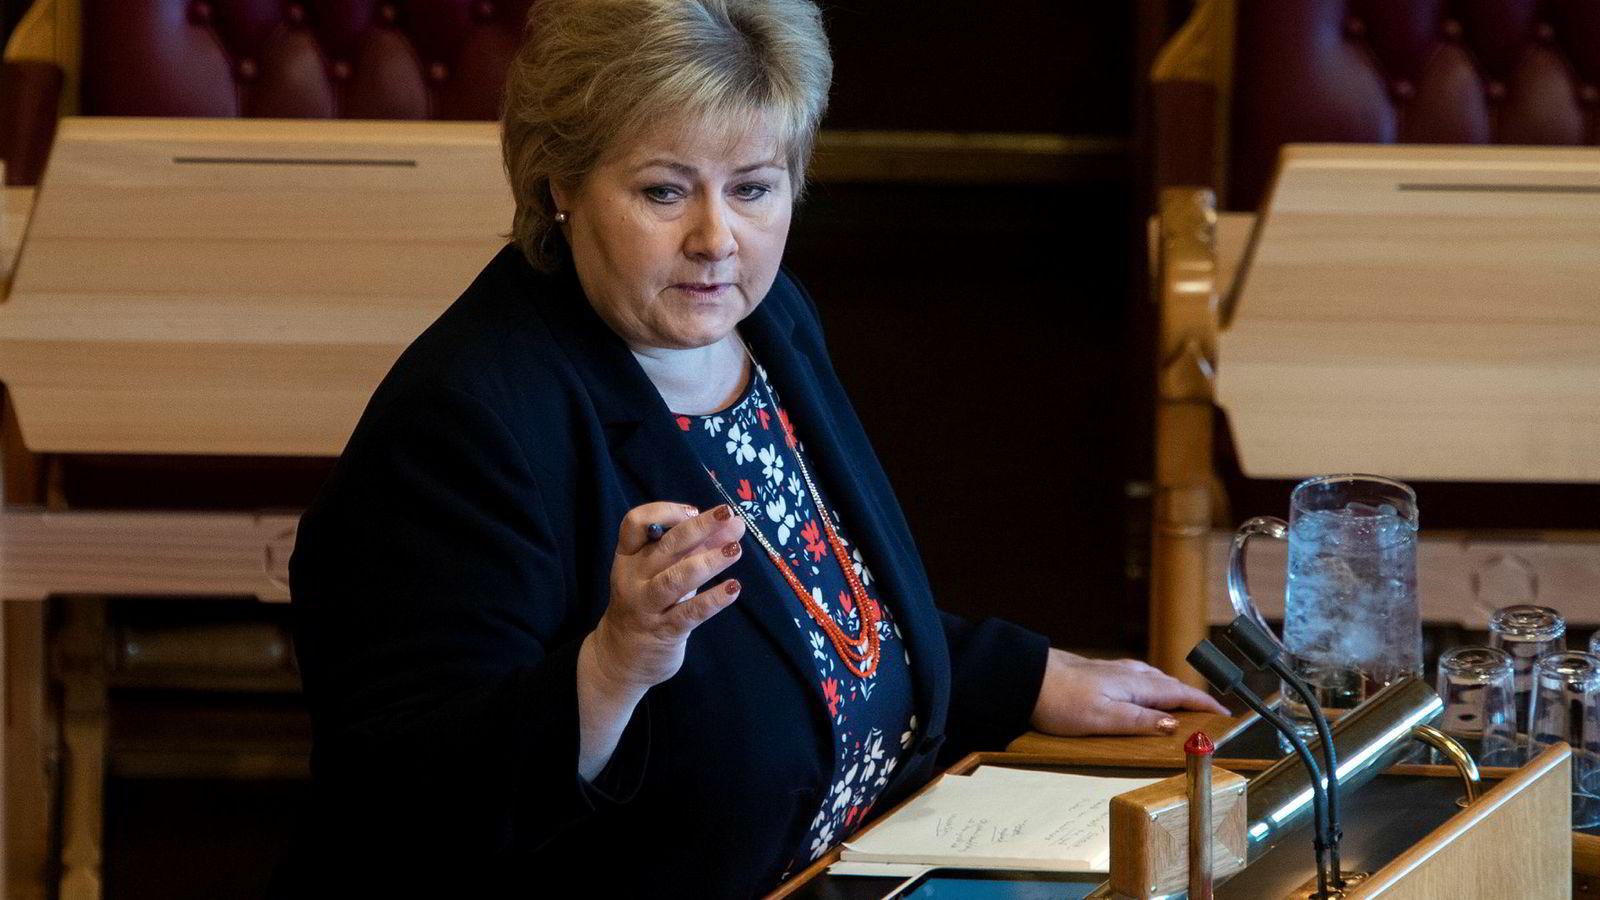 Statsminister Erna Solberg svarte på klimastreikernes krav i spontanspørretimen i Stortinget.